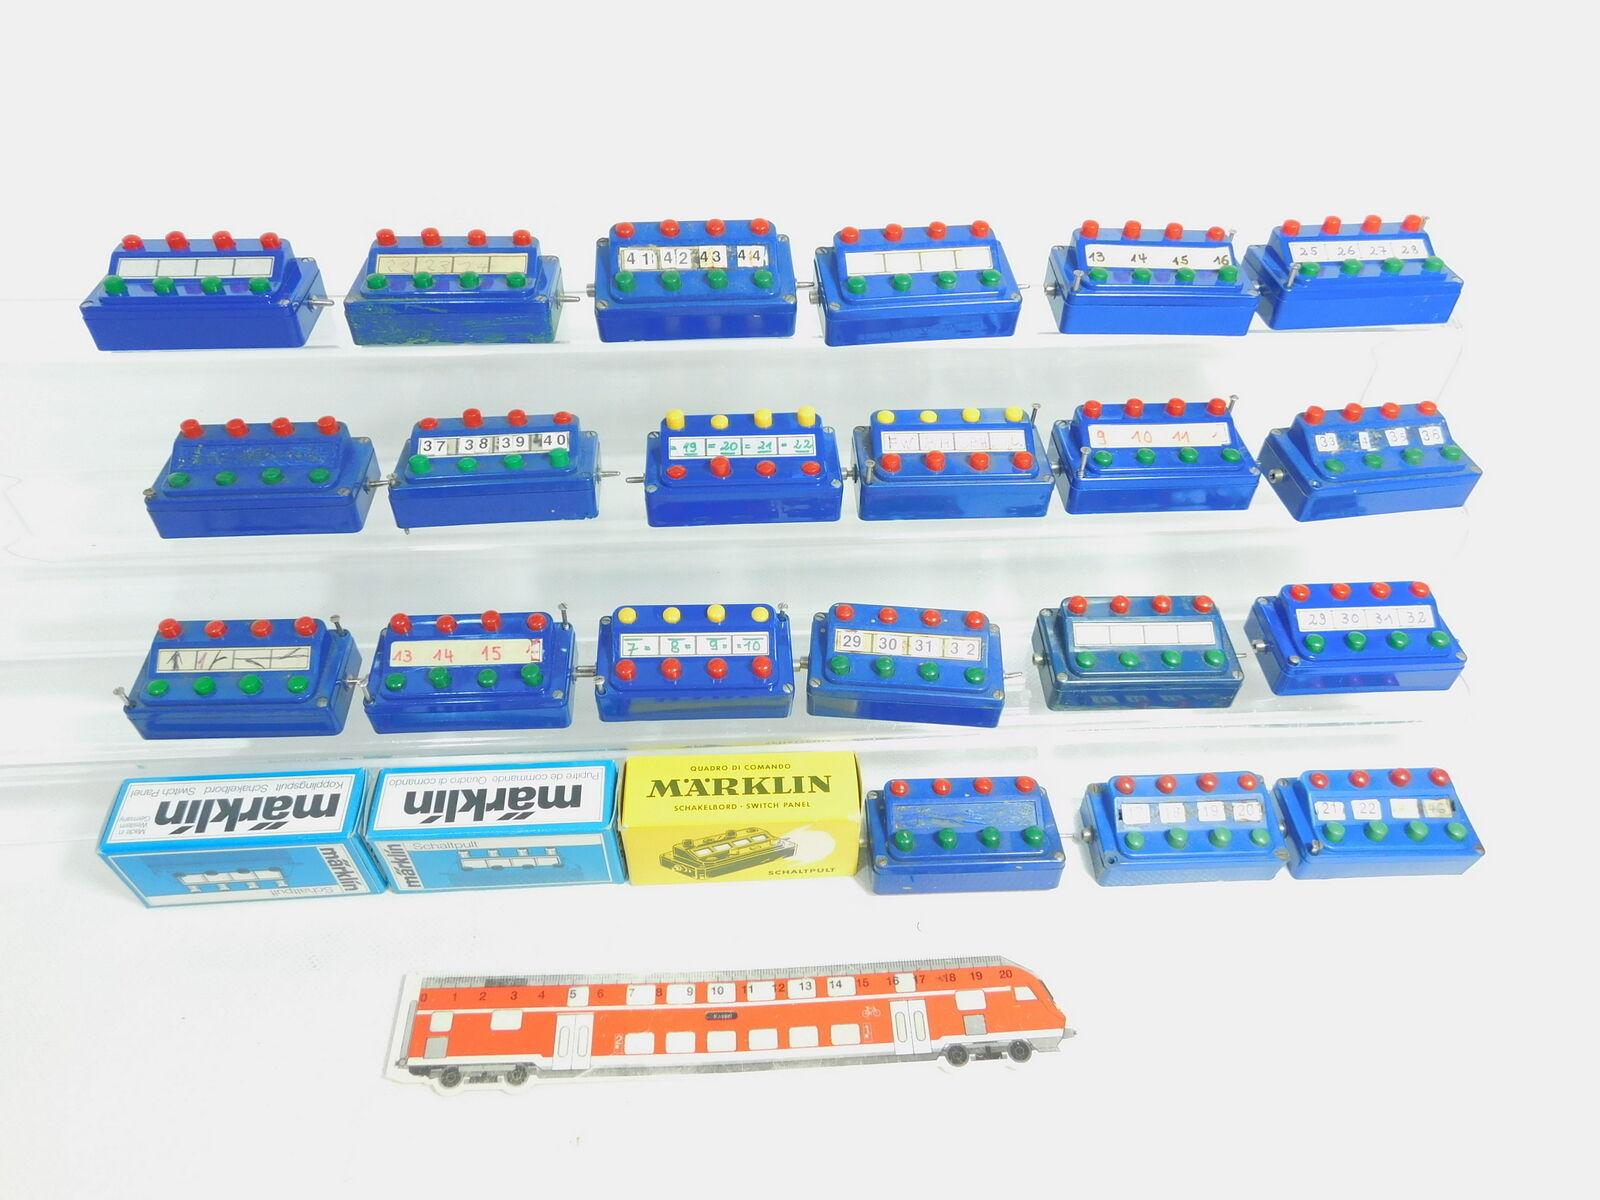 BN391-2 21x marklin H0 Ecc. Bastler-Stellpult Ecc.    7072   476 4+7210, 3x scatola  consegna diretta e rapida in fabbrica